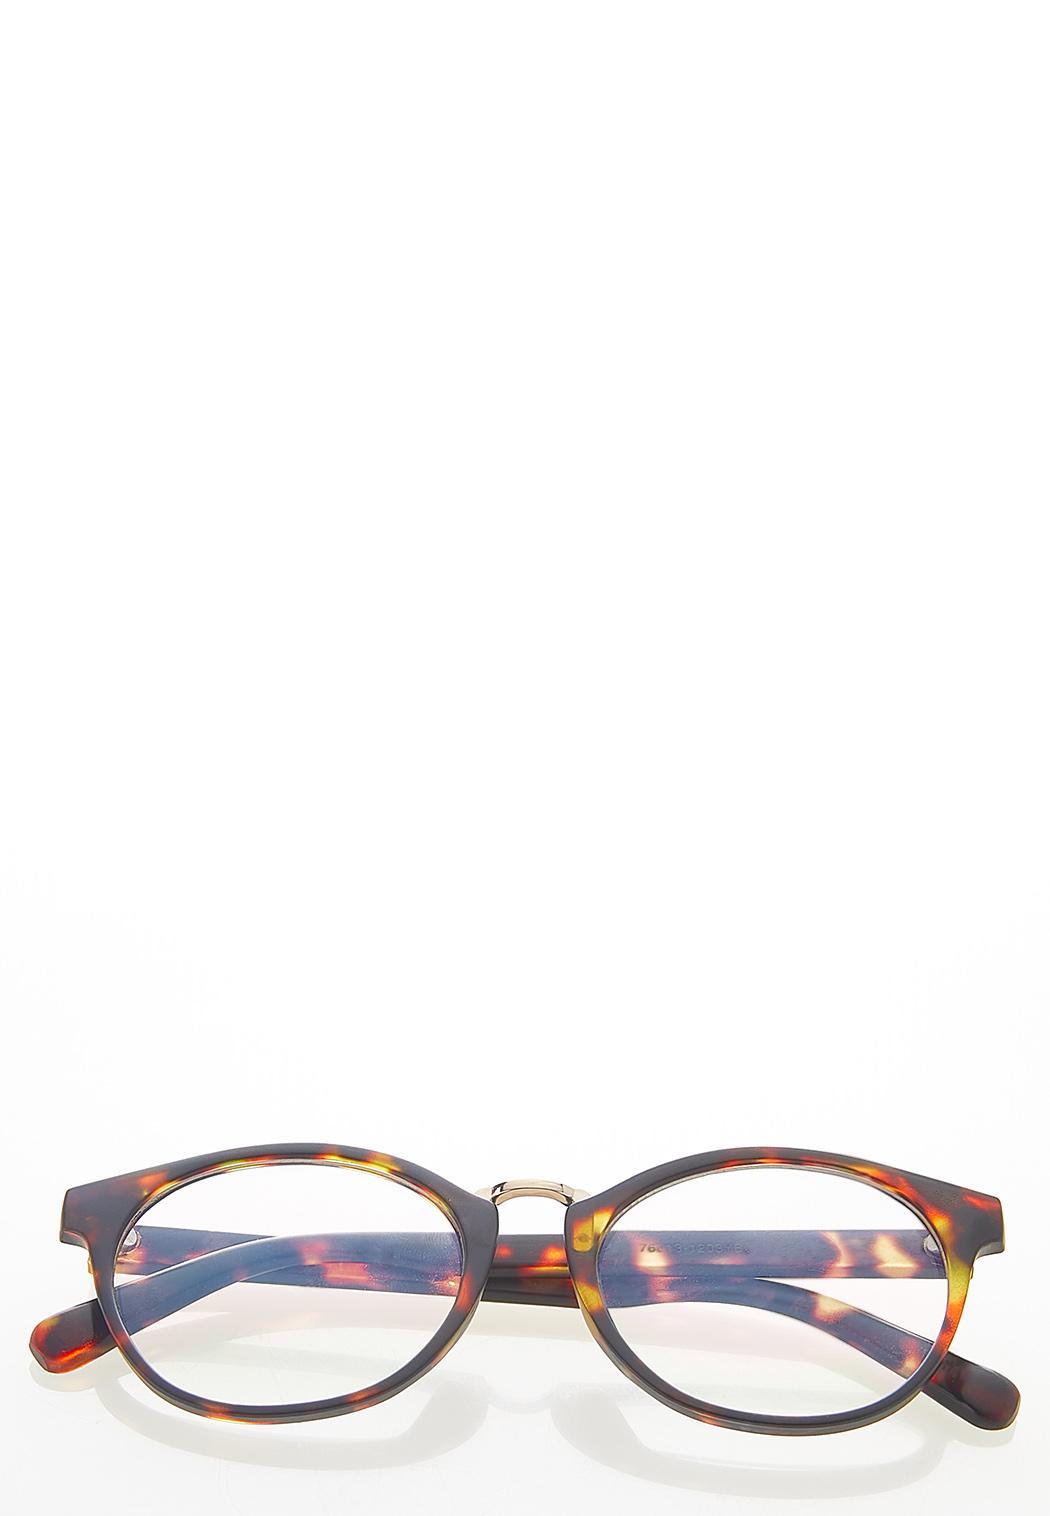 Tortoise Blue Light Glasses